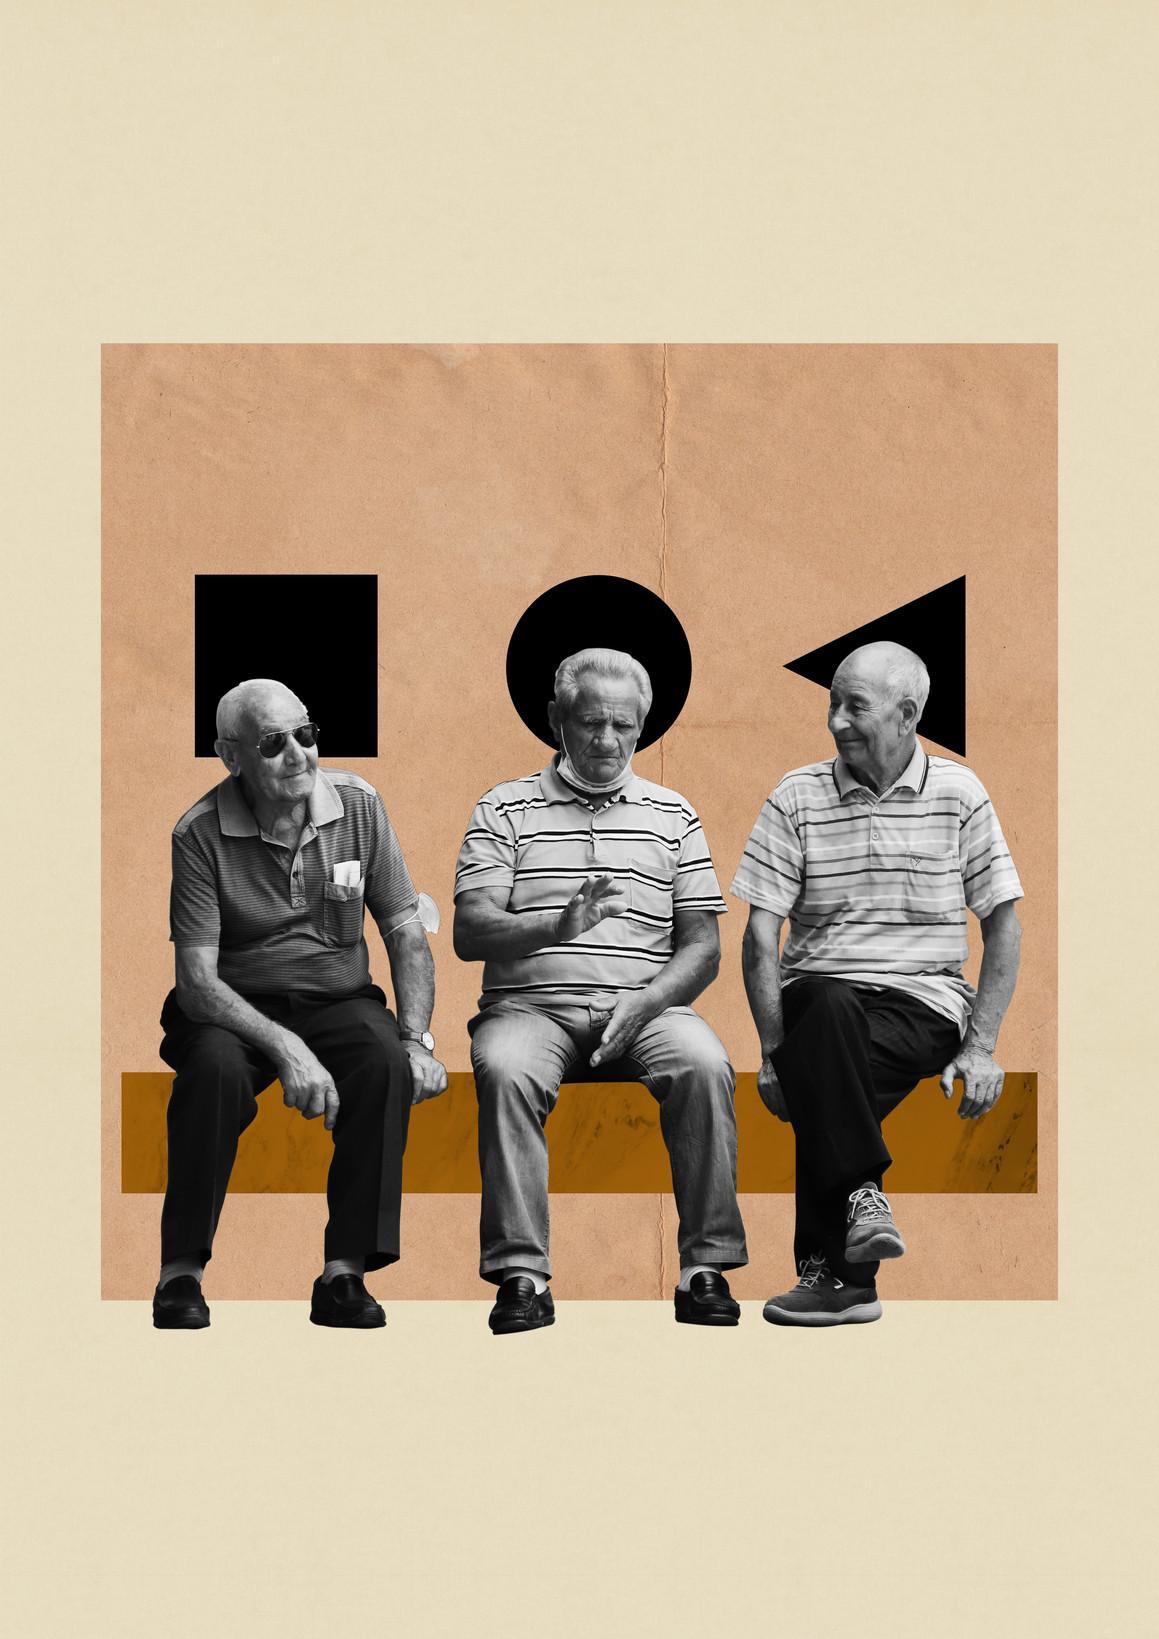 Old_men_square_1.jpg